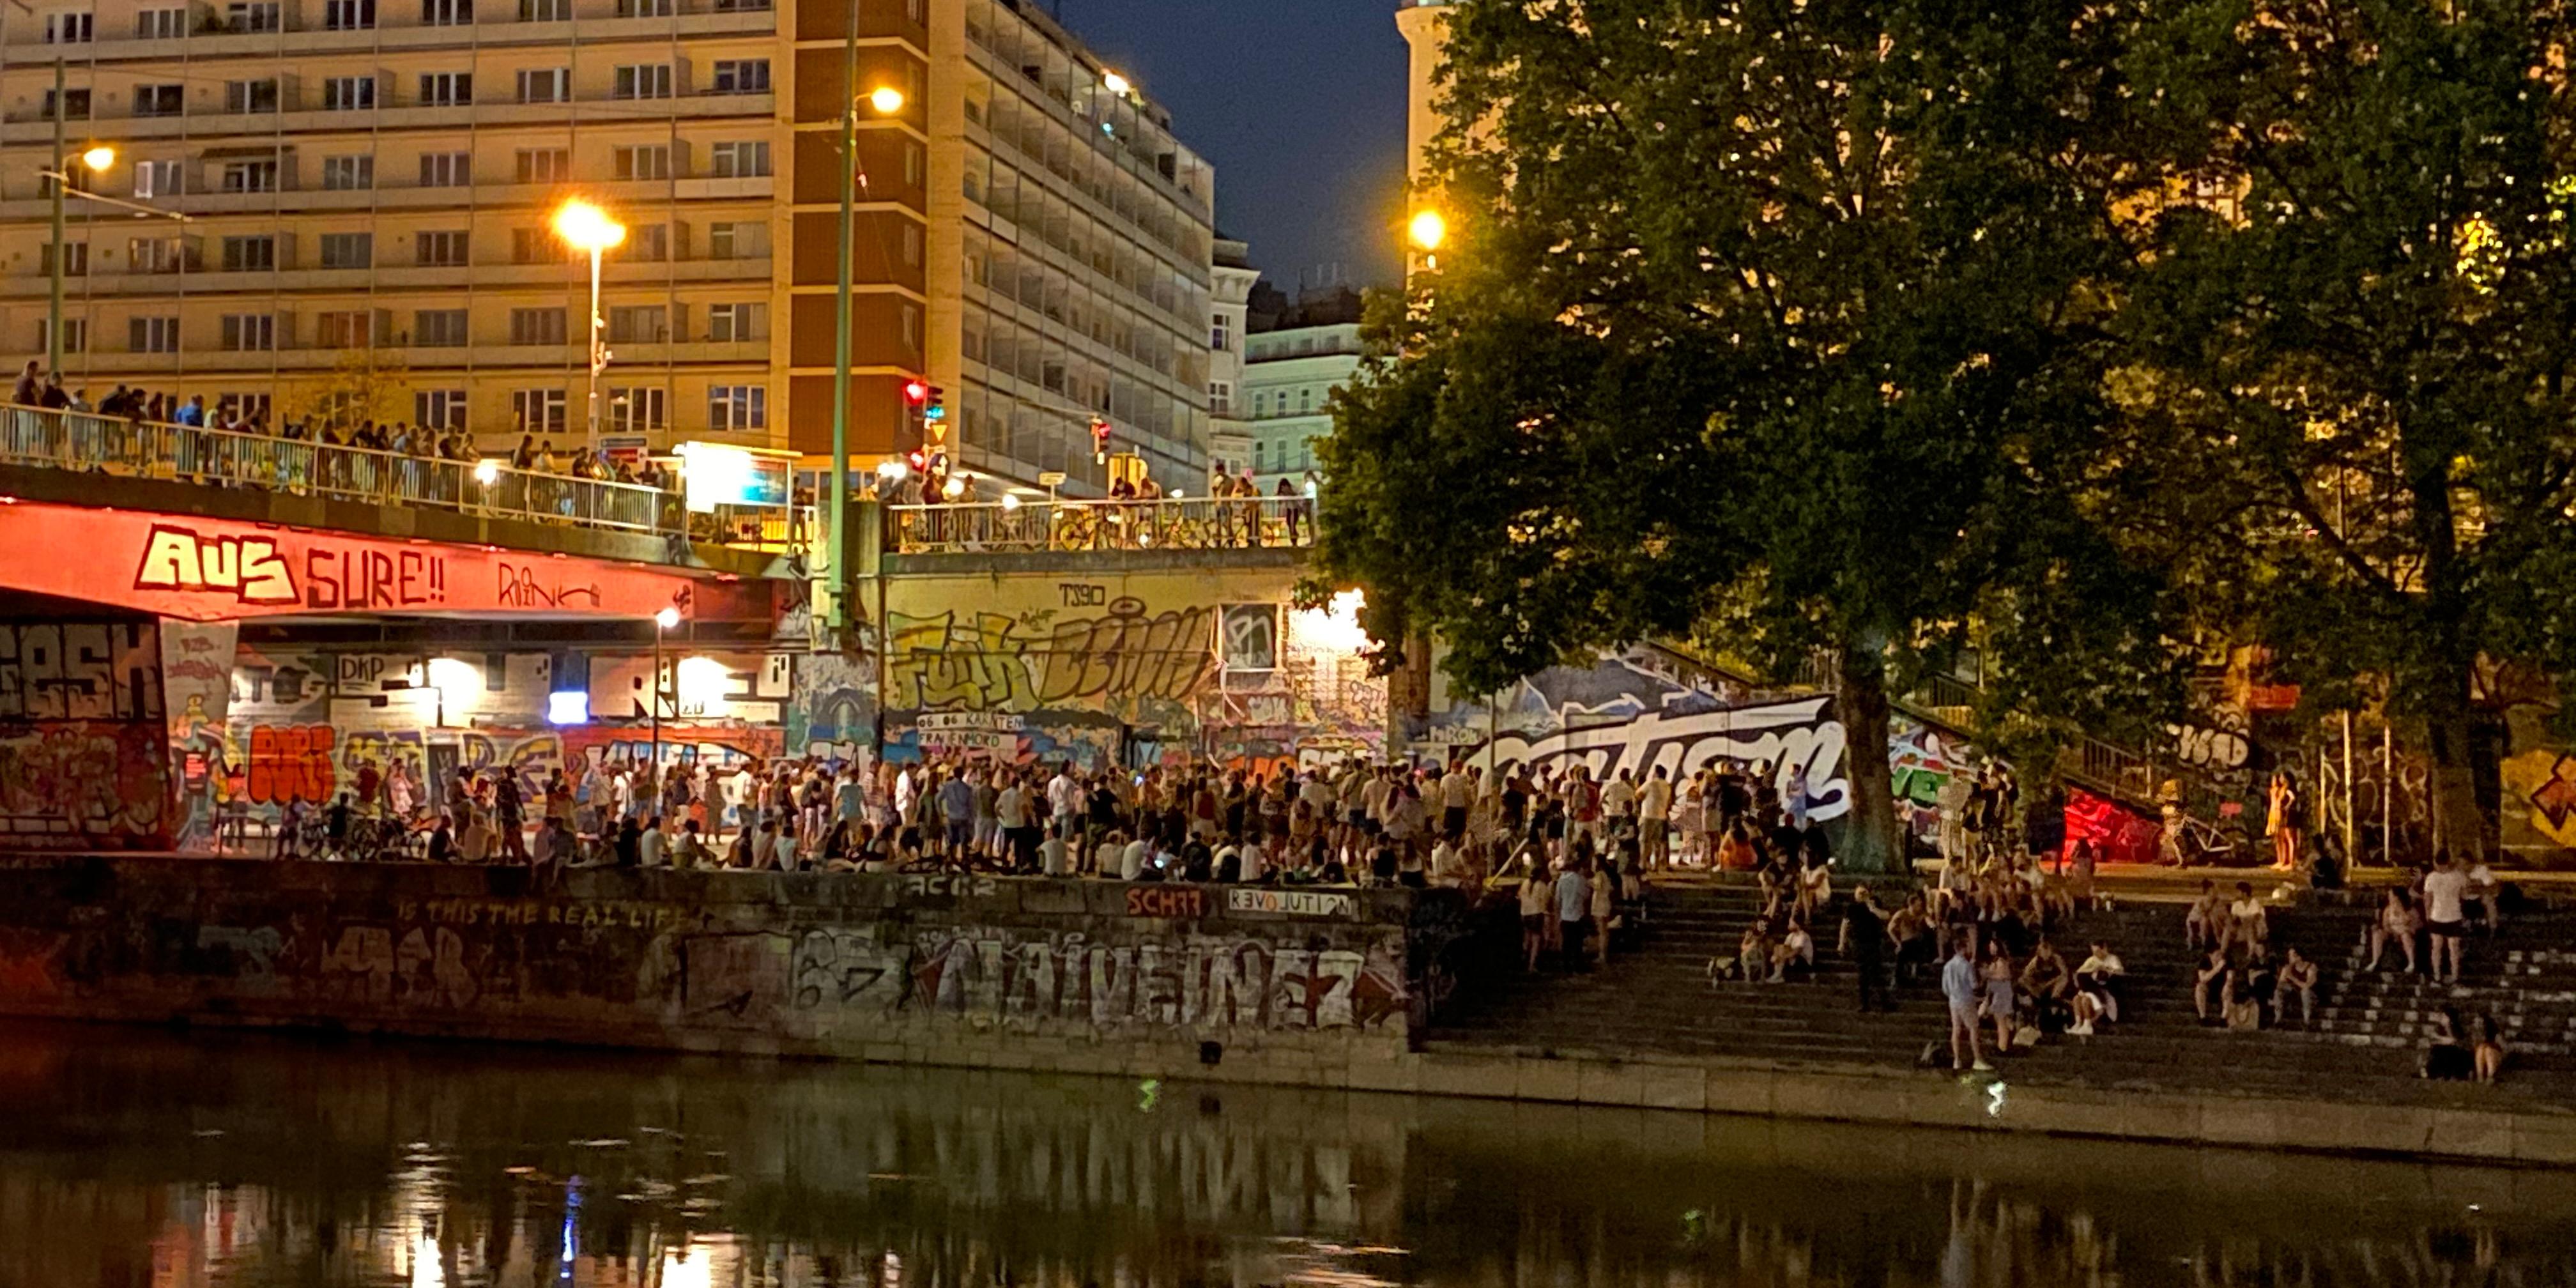 Donaukanal Party